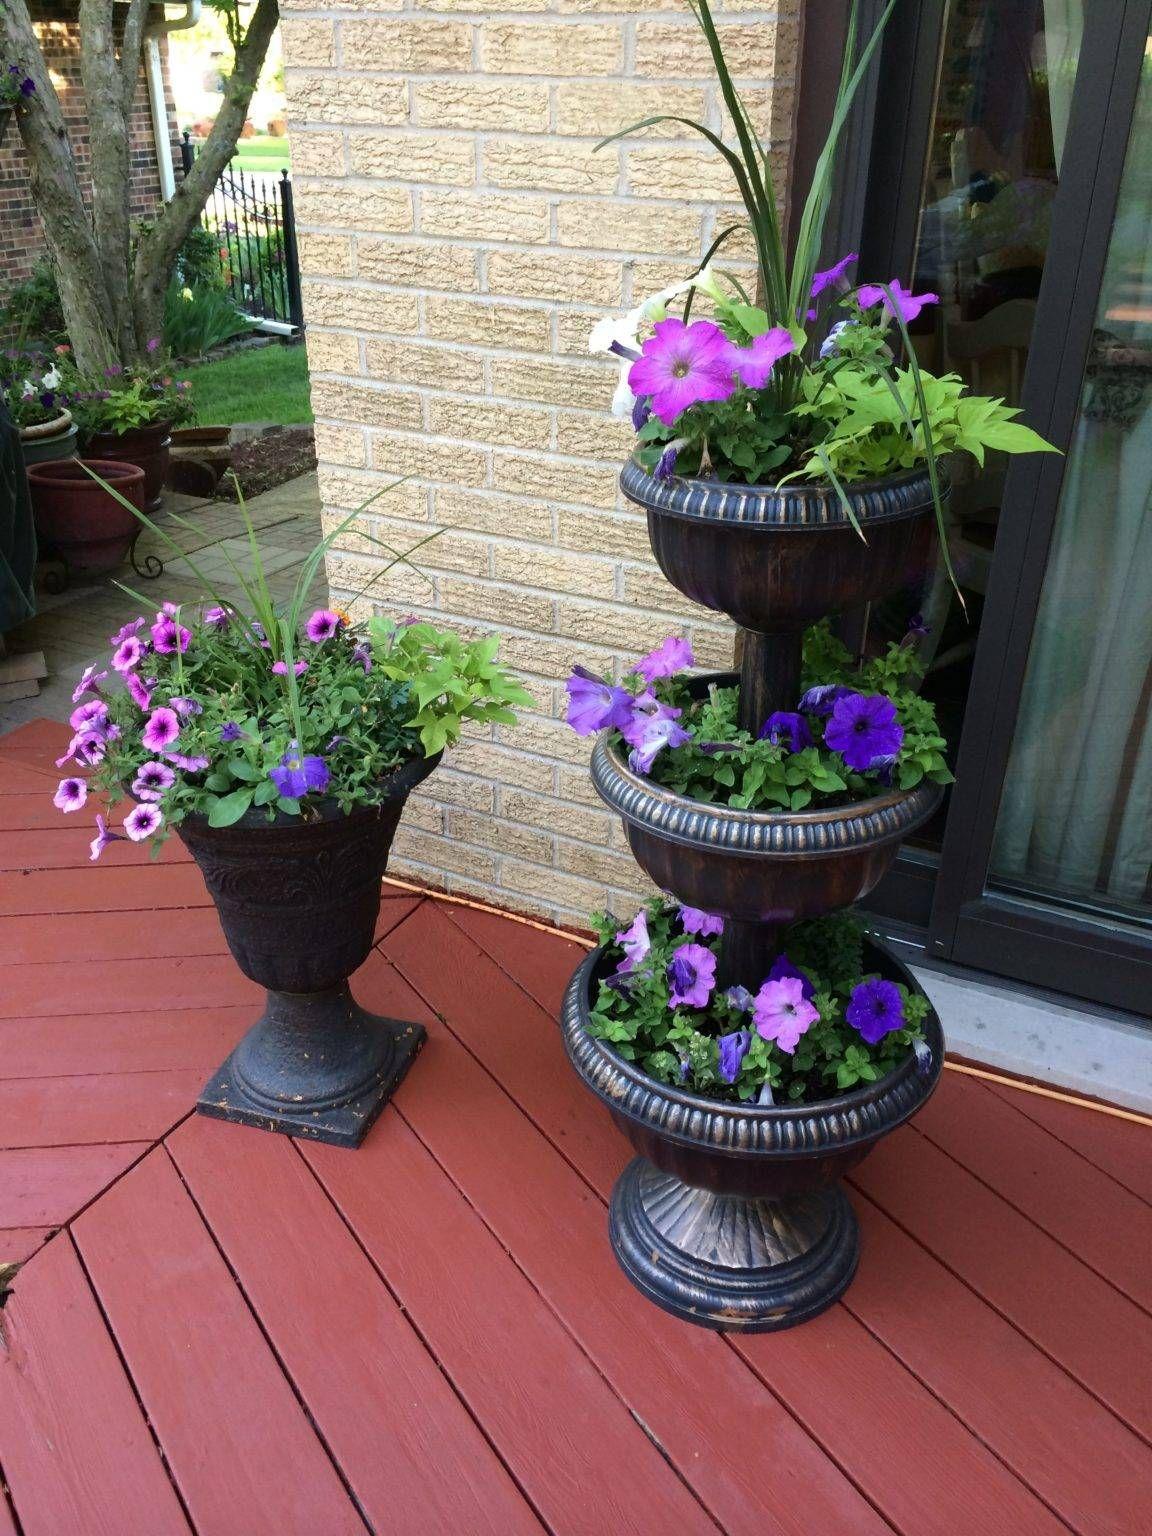 Stunning Front Door Flower Pots 11 Fabulous Ideas In 2021 Tiered Planter Flower Planters Garden Planters Diy